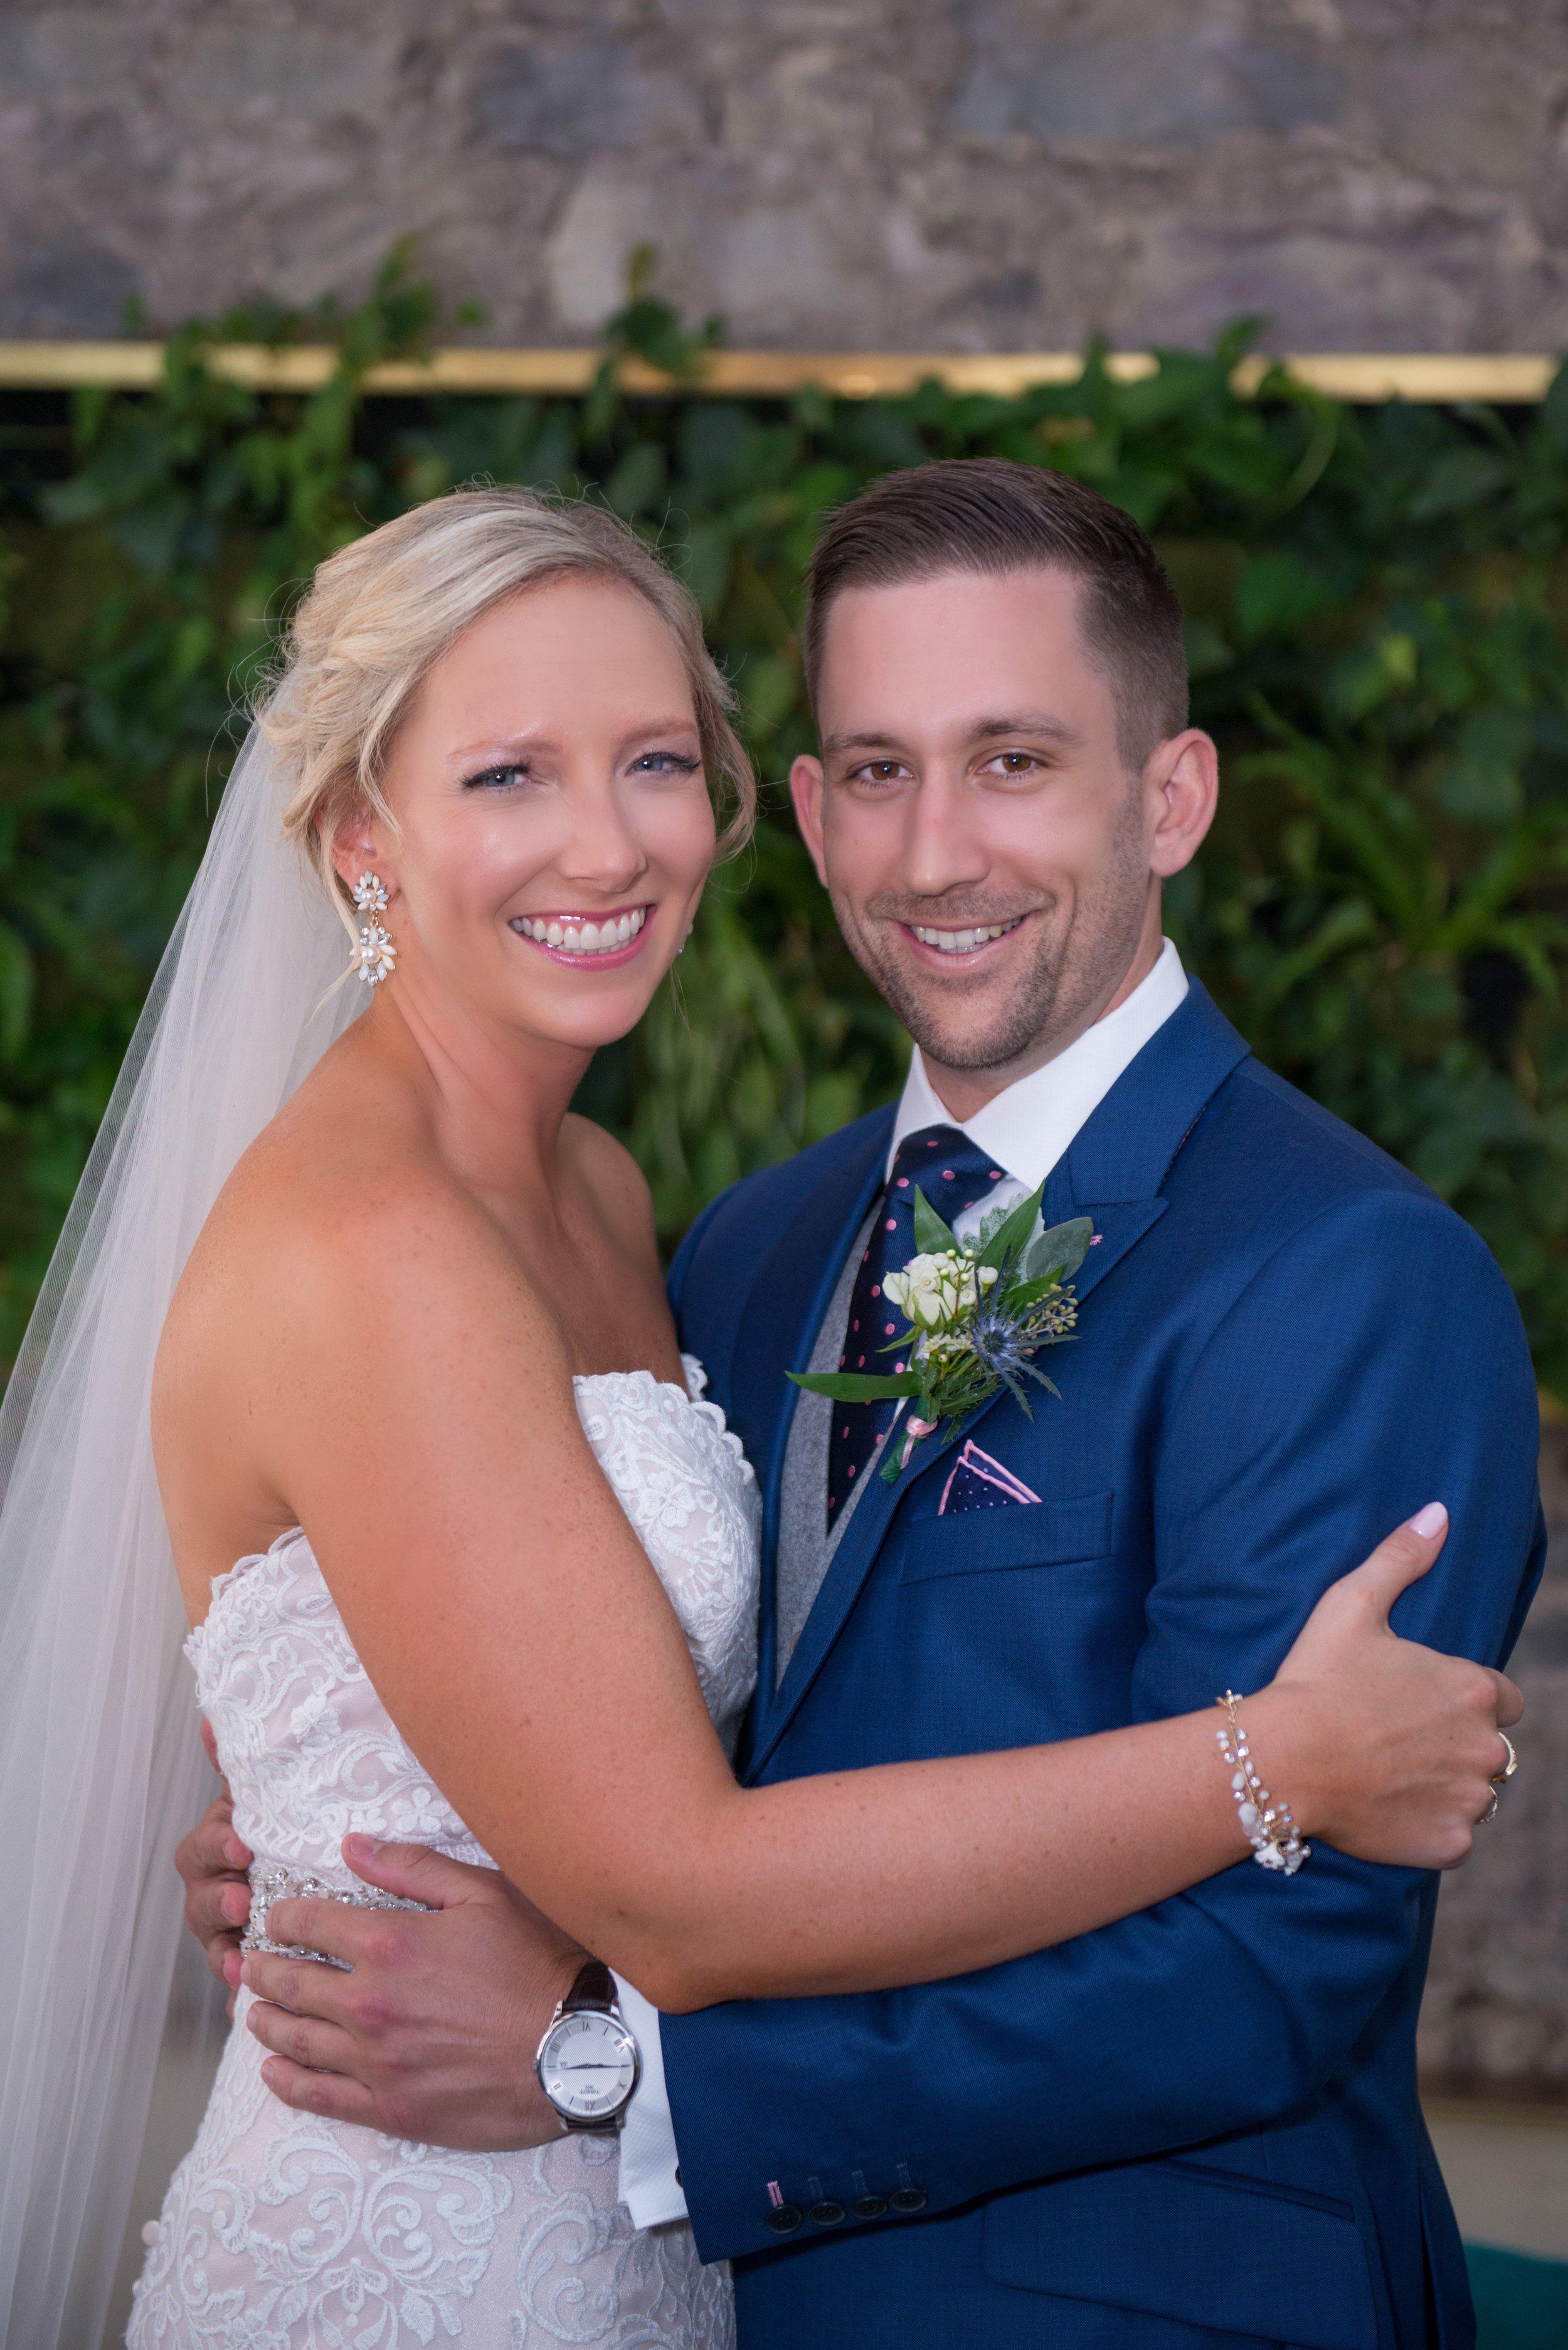 00005_Stover-WeddingSp-35.jpg